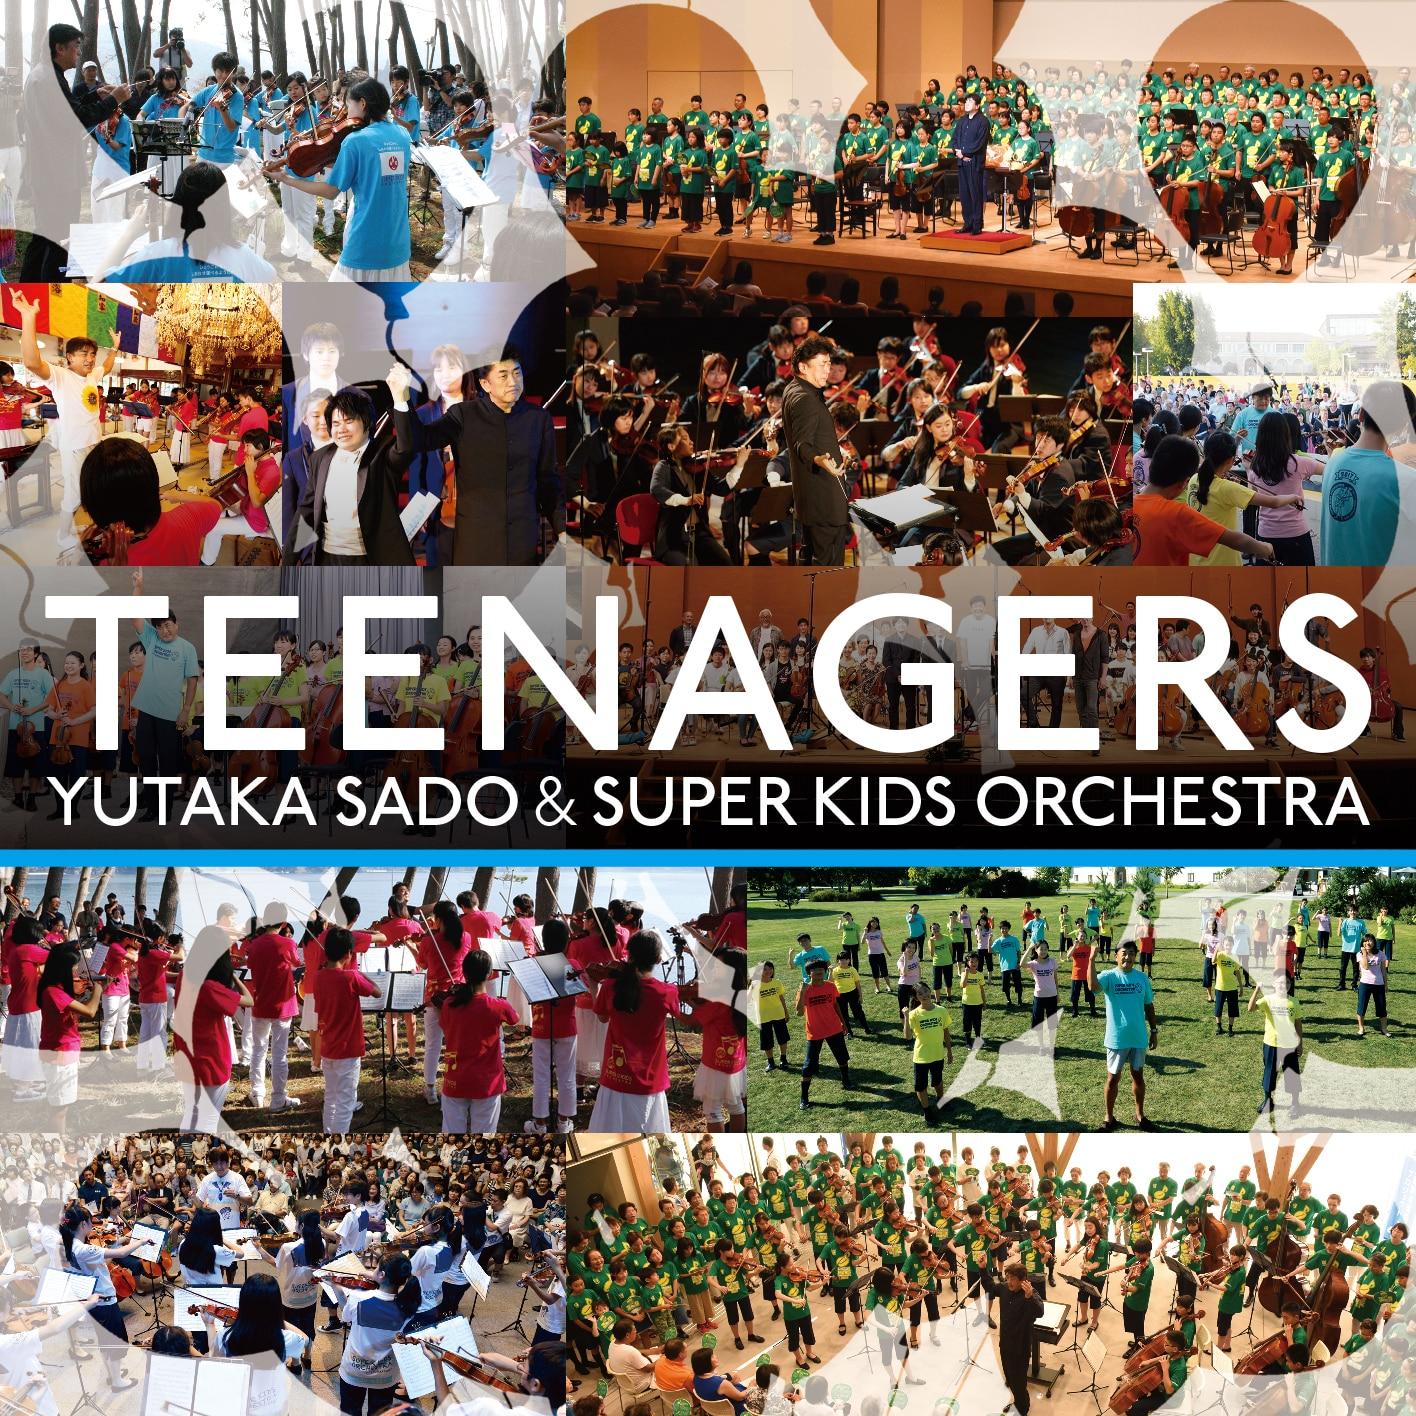 TEENAGERS 佐渡裕&スーパーキッズ・オーケストラの奇跡/佐渡裕&スーパーキッズ・オーケストラ